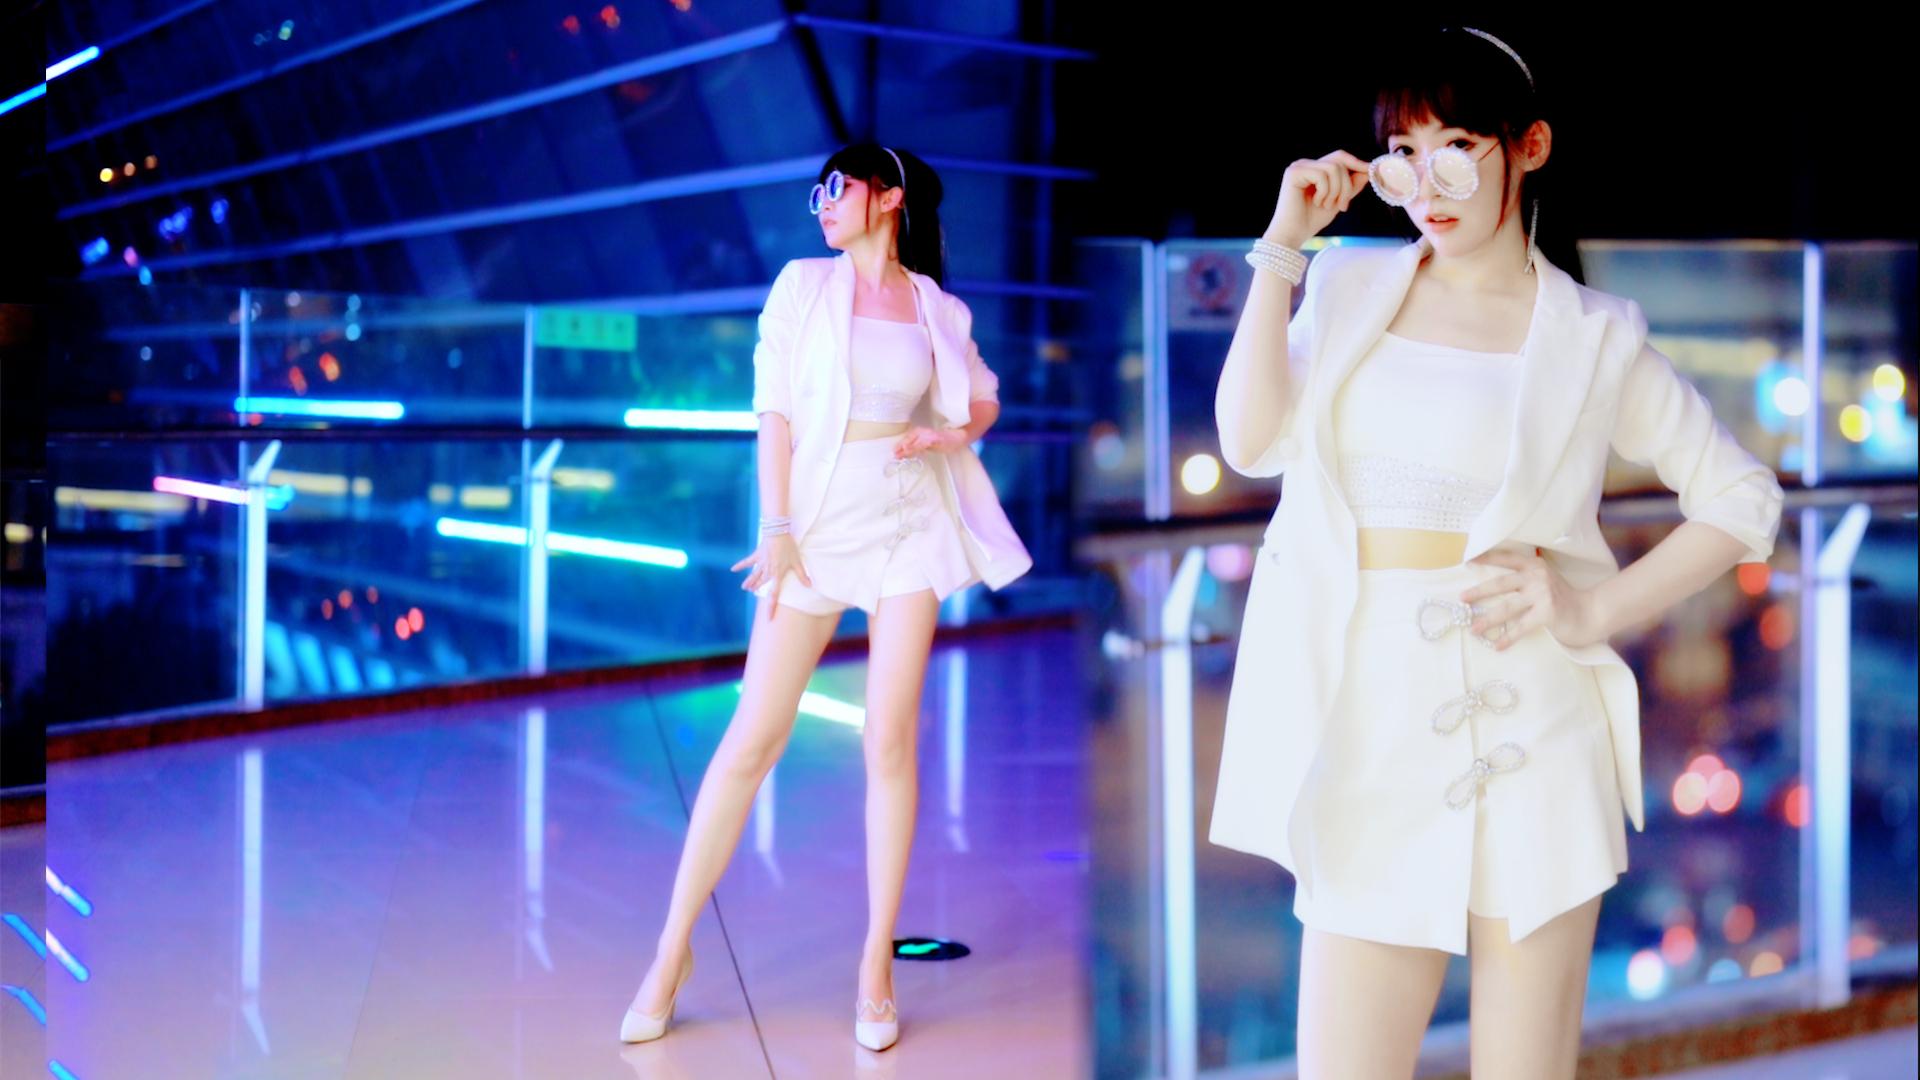 【紫嘉儿】李宇春《无价之姐》舞蹈分解教程✿镜面教学✿《乘风破浪的姐姐》主题曲